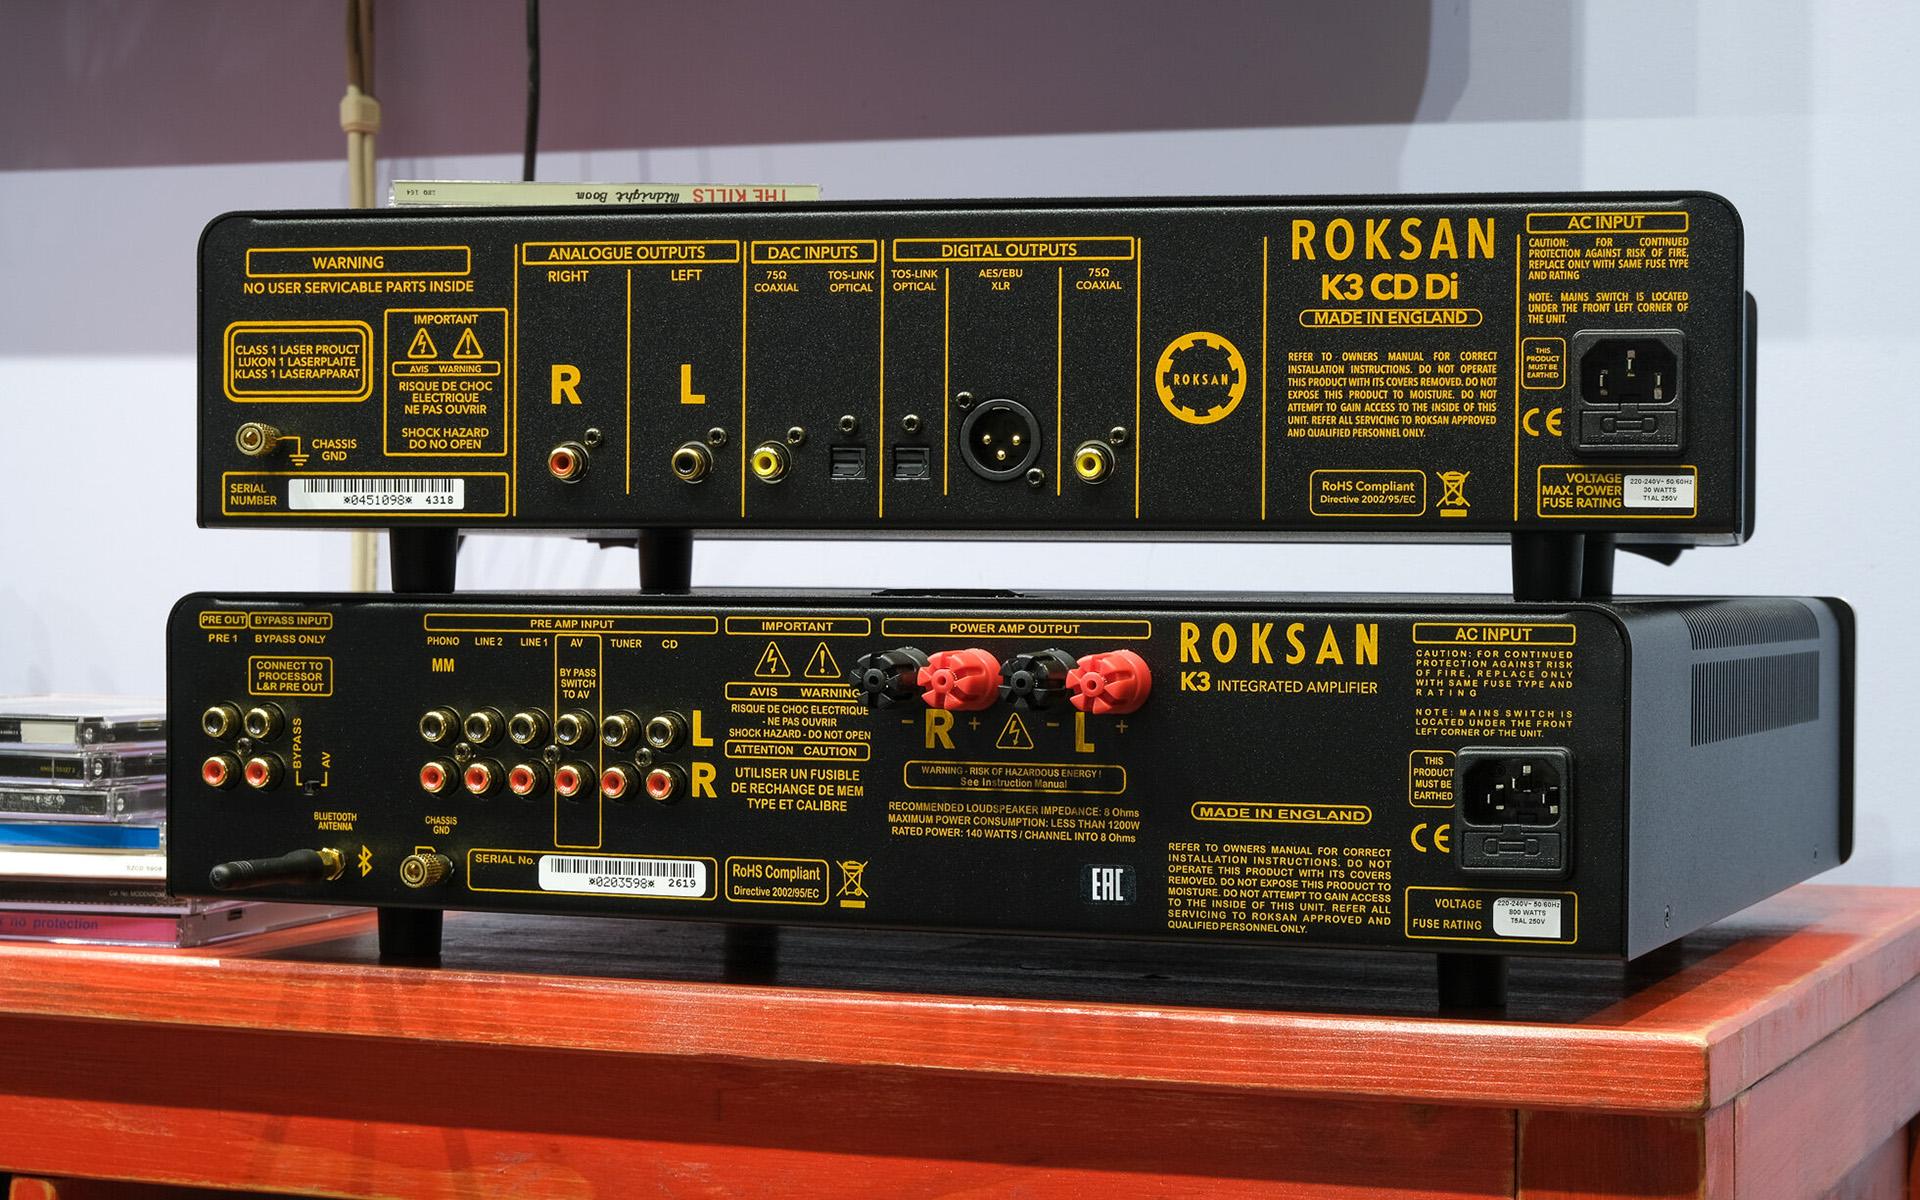 Породистый английский звук компонентов Roksan K3 в обзоре блога Iamhear